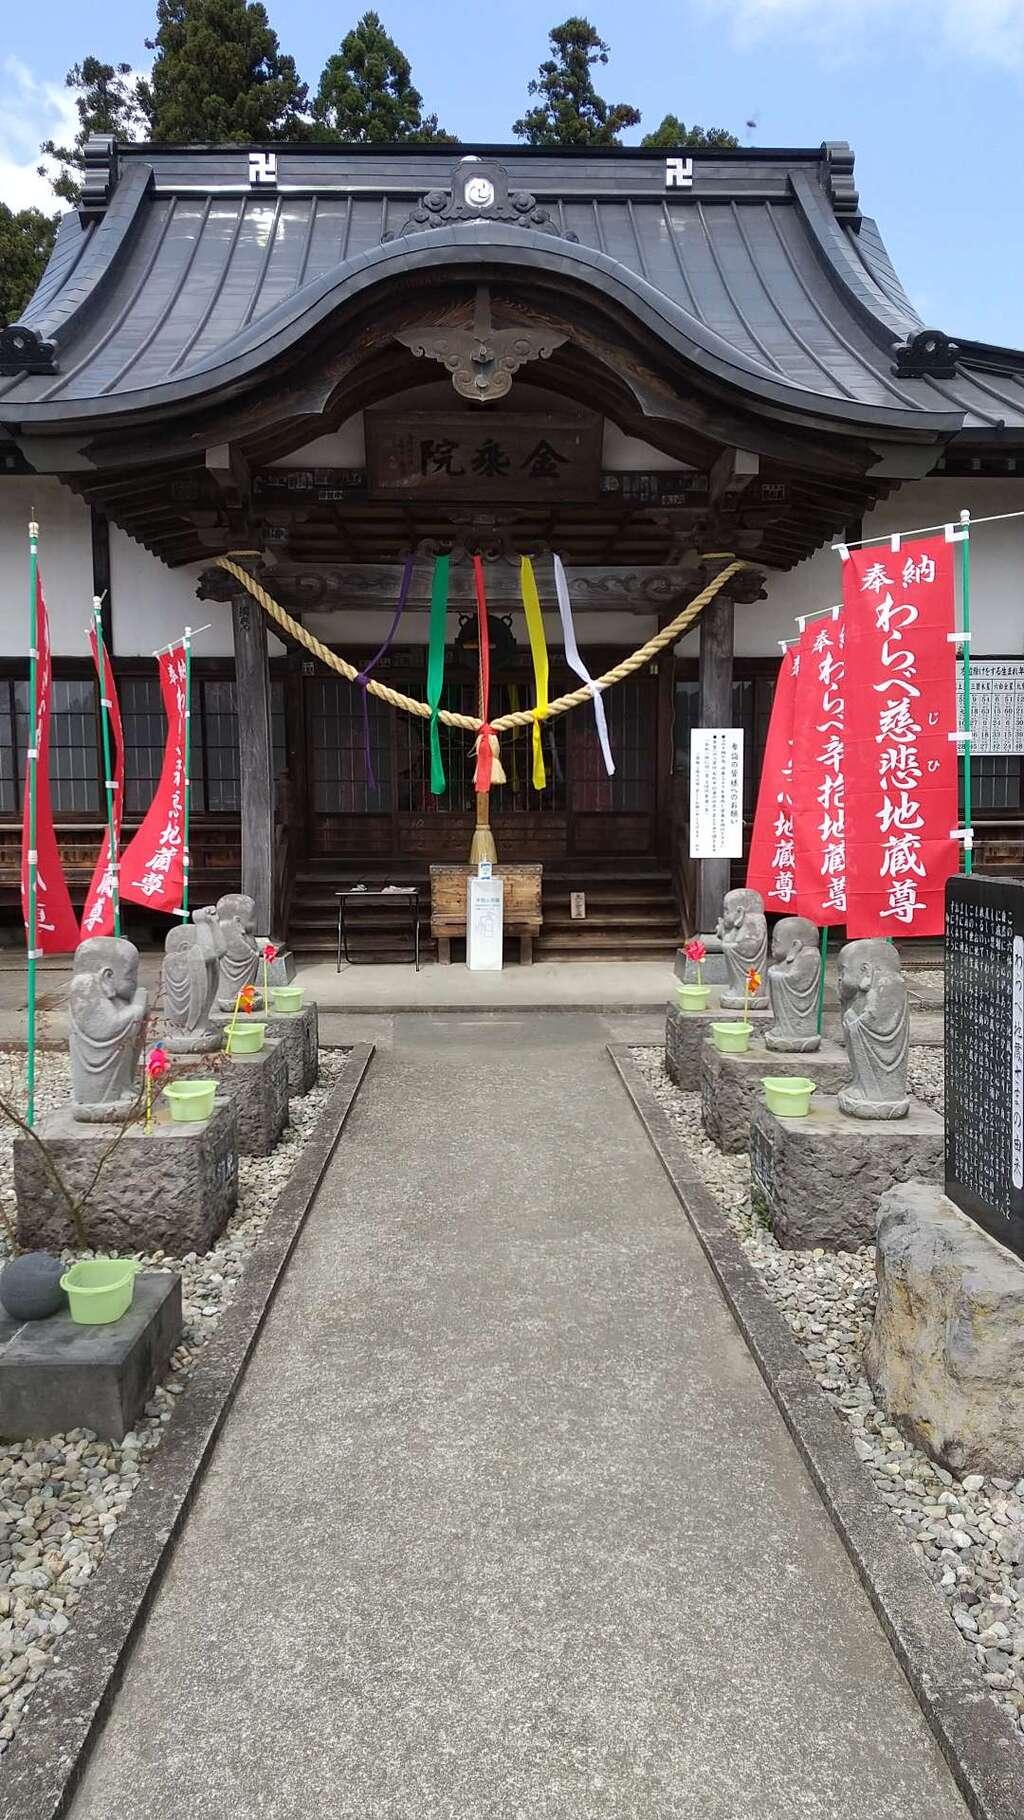 金乗院(那須波切不動尊) の本殿